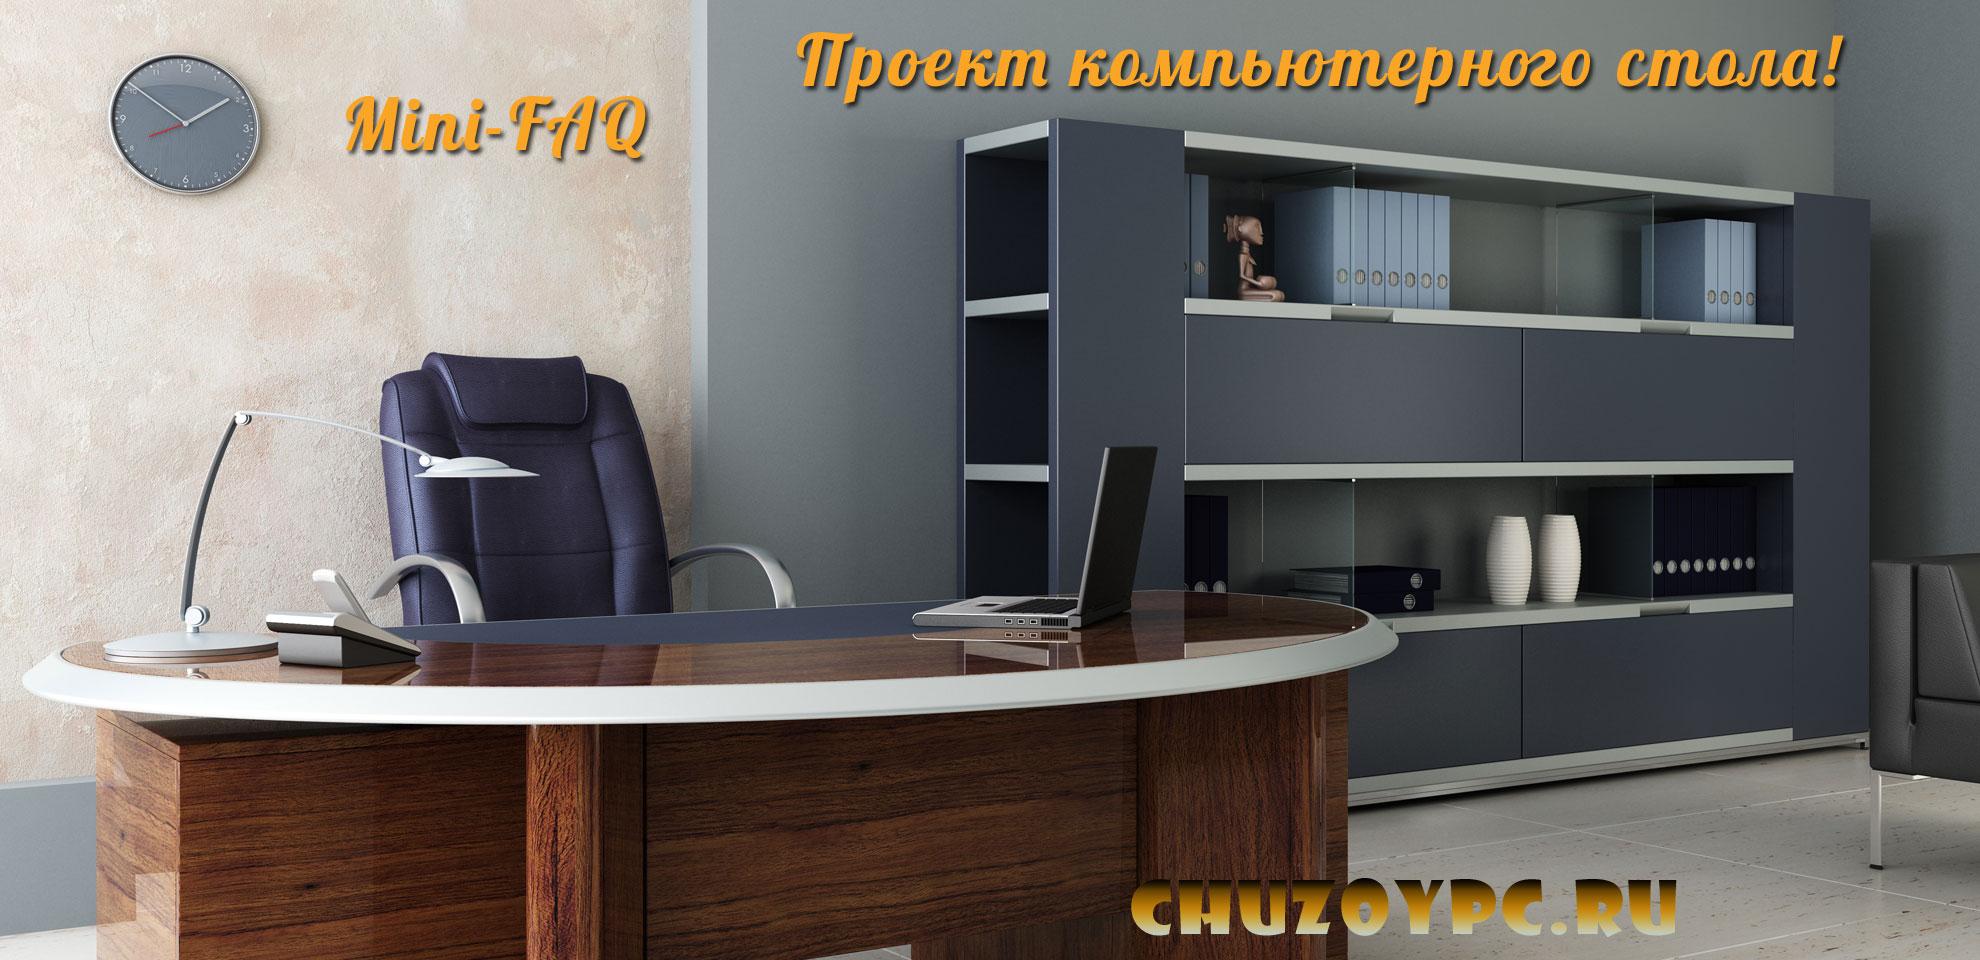 проектируем компьютерный стол